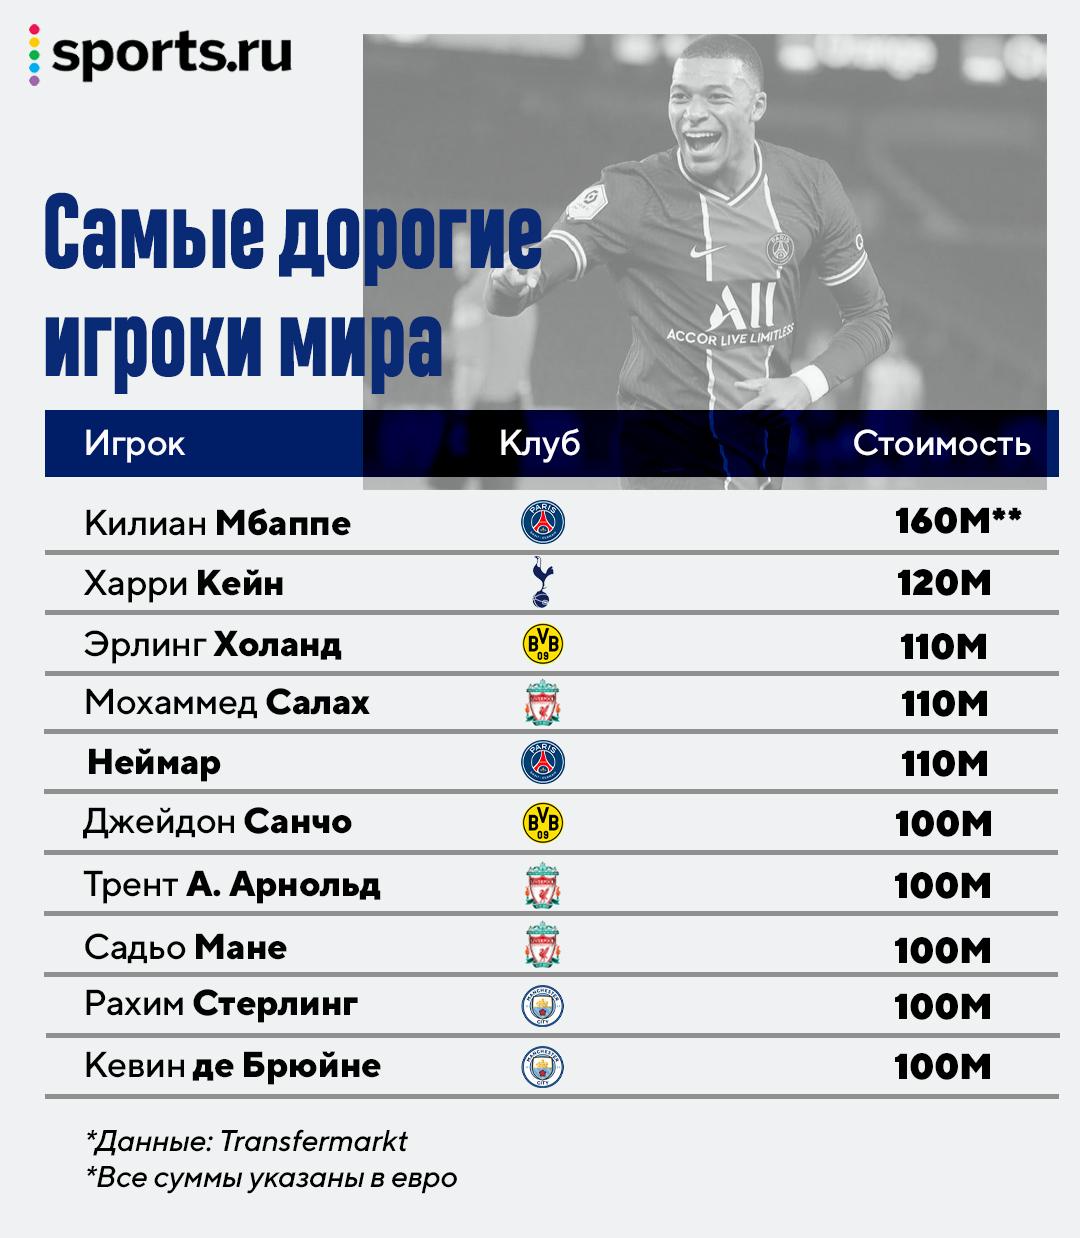 В десятке самых дорогих игроков мира – ни одного игрока из Ла Лиги. Холанд – третий, Неймар – пятый